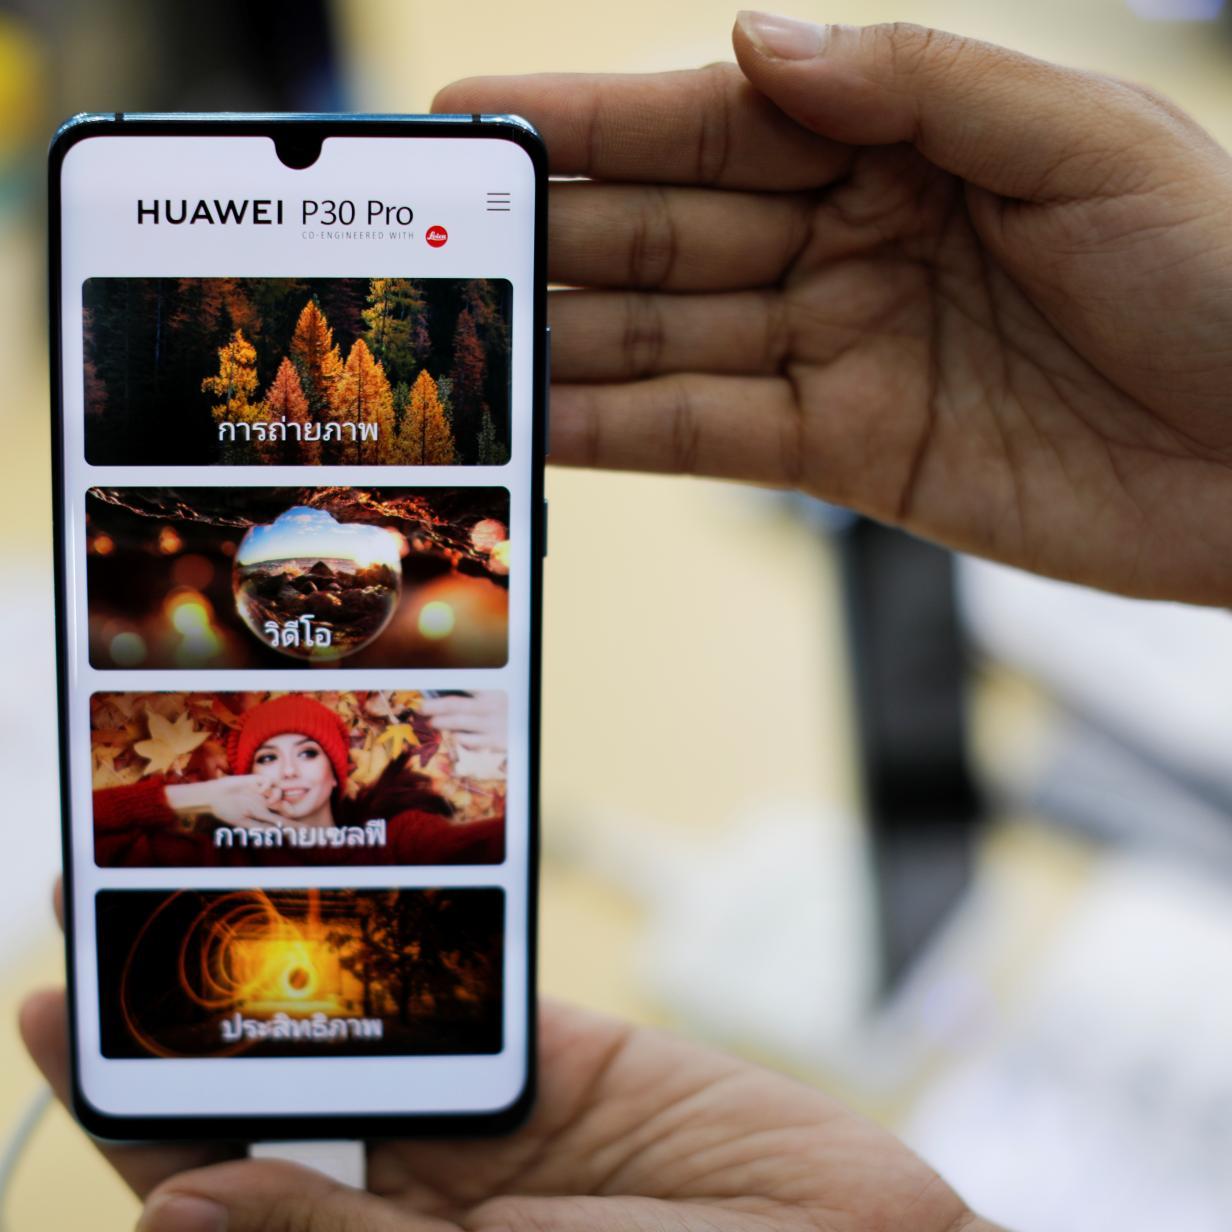 Händler nehmen bei Aus für Google-Apps Huawei-Geräte zurück